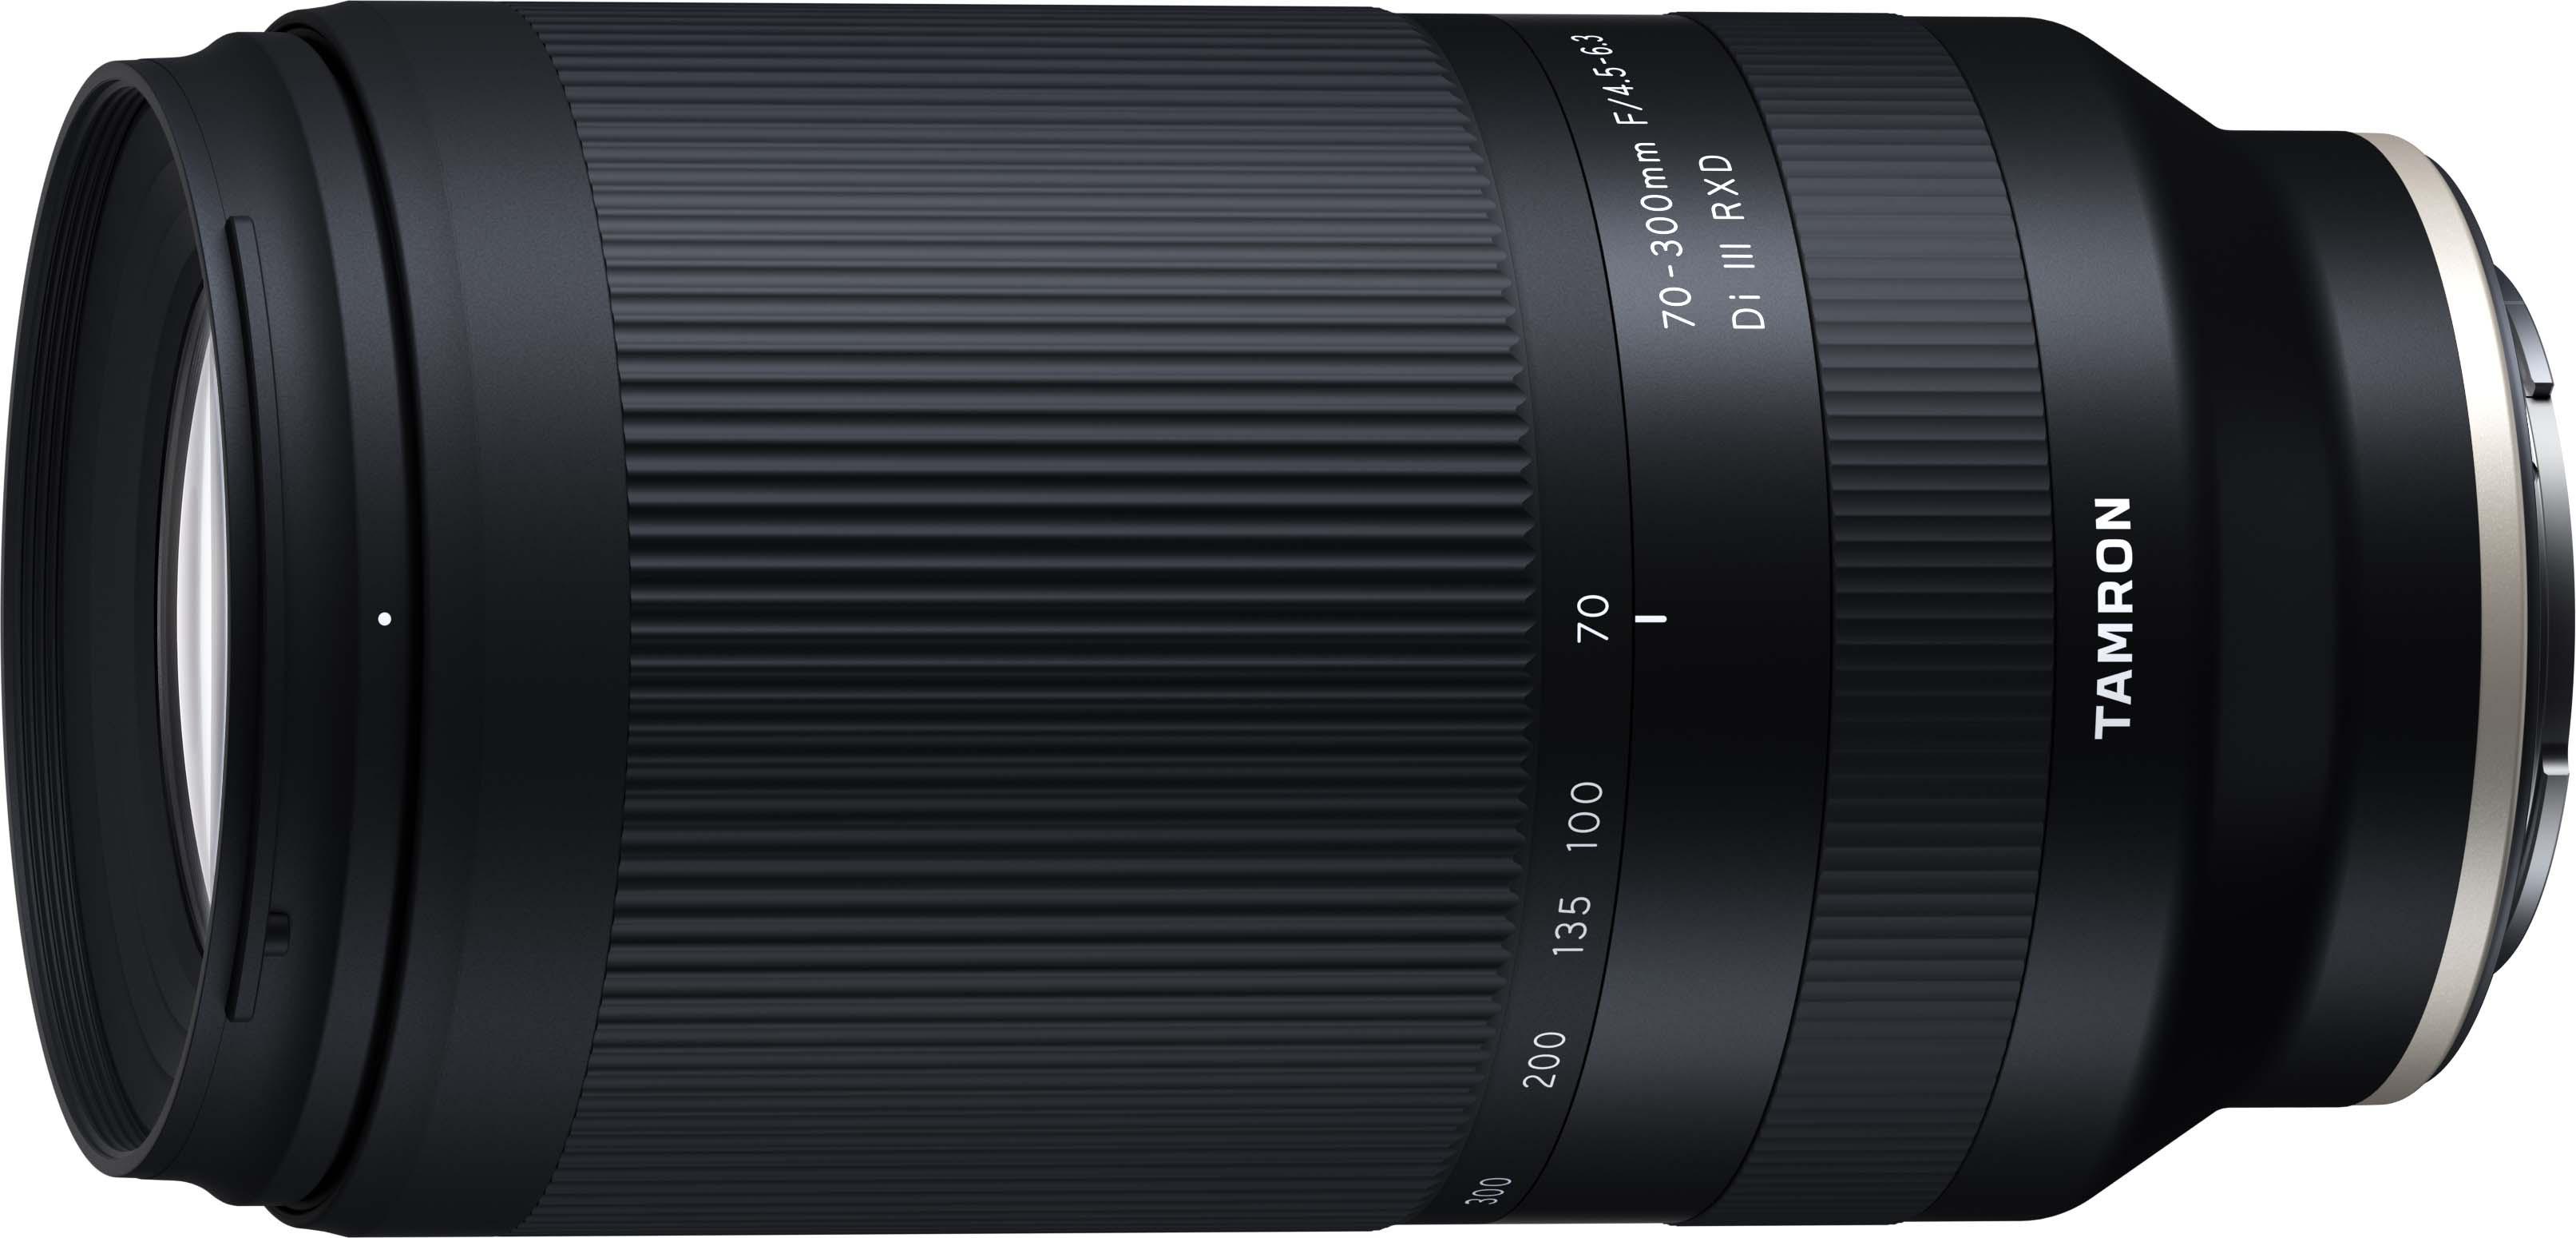 Tamron 70-300mm f/4.5-6.3 Di III RXD objektiiv So..